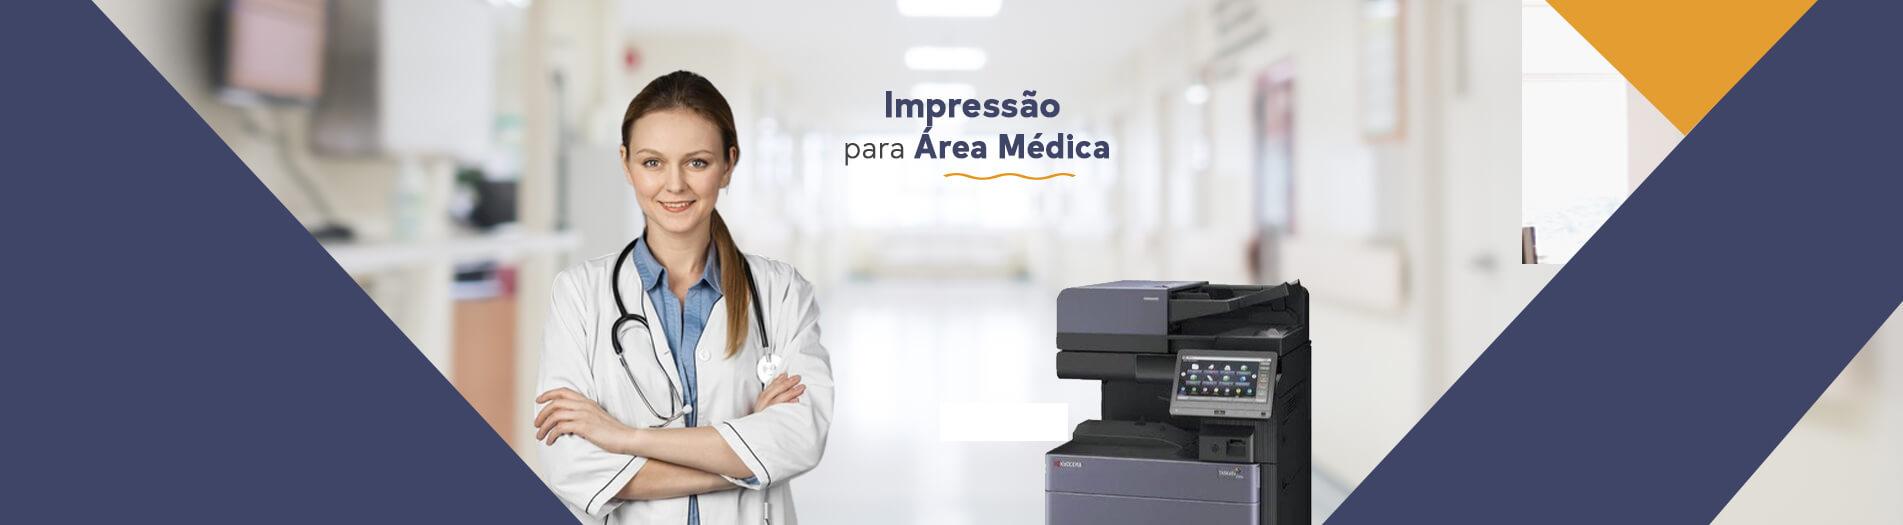 Impressão para área médica